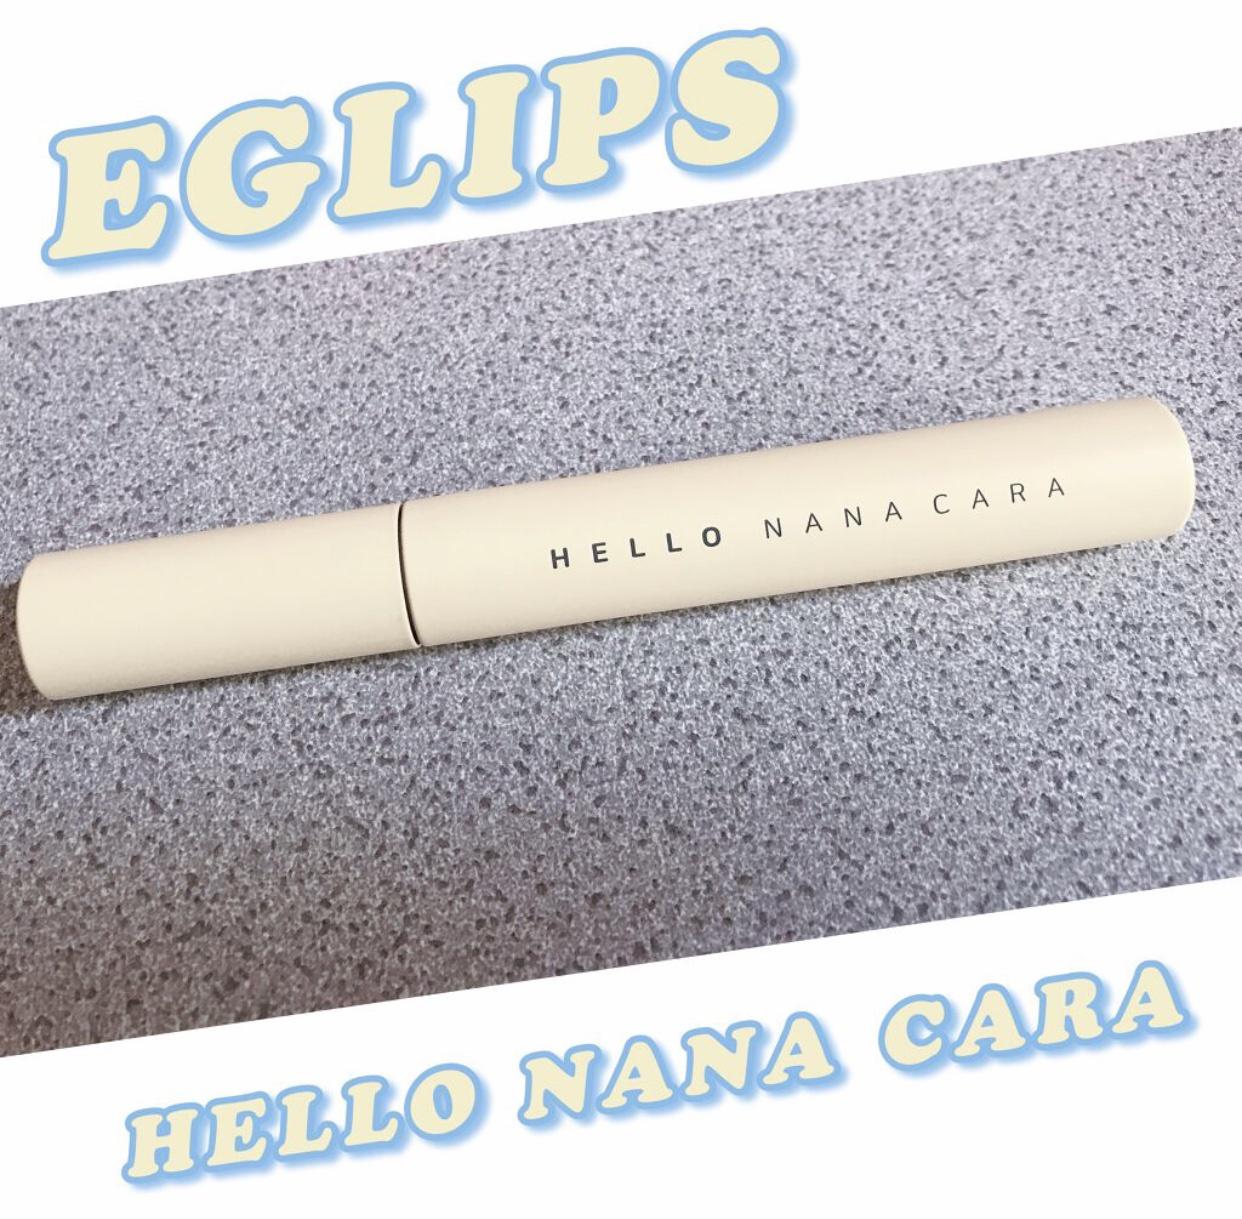 EGLIPS(イーグリップス) ハロー ナナカラを使ったMarukoさんのクチコミ画像1